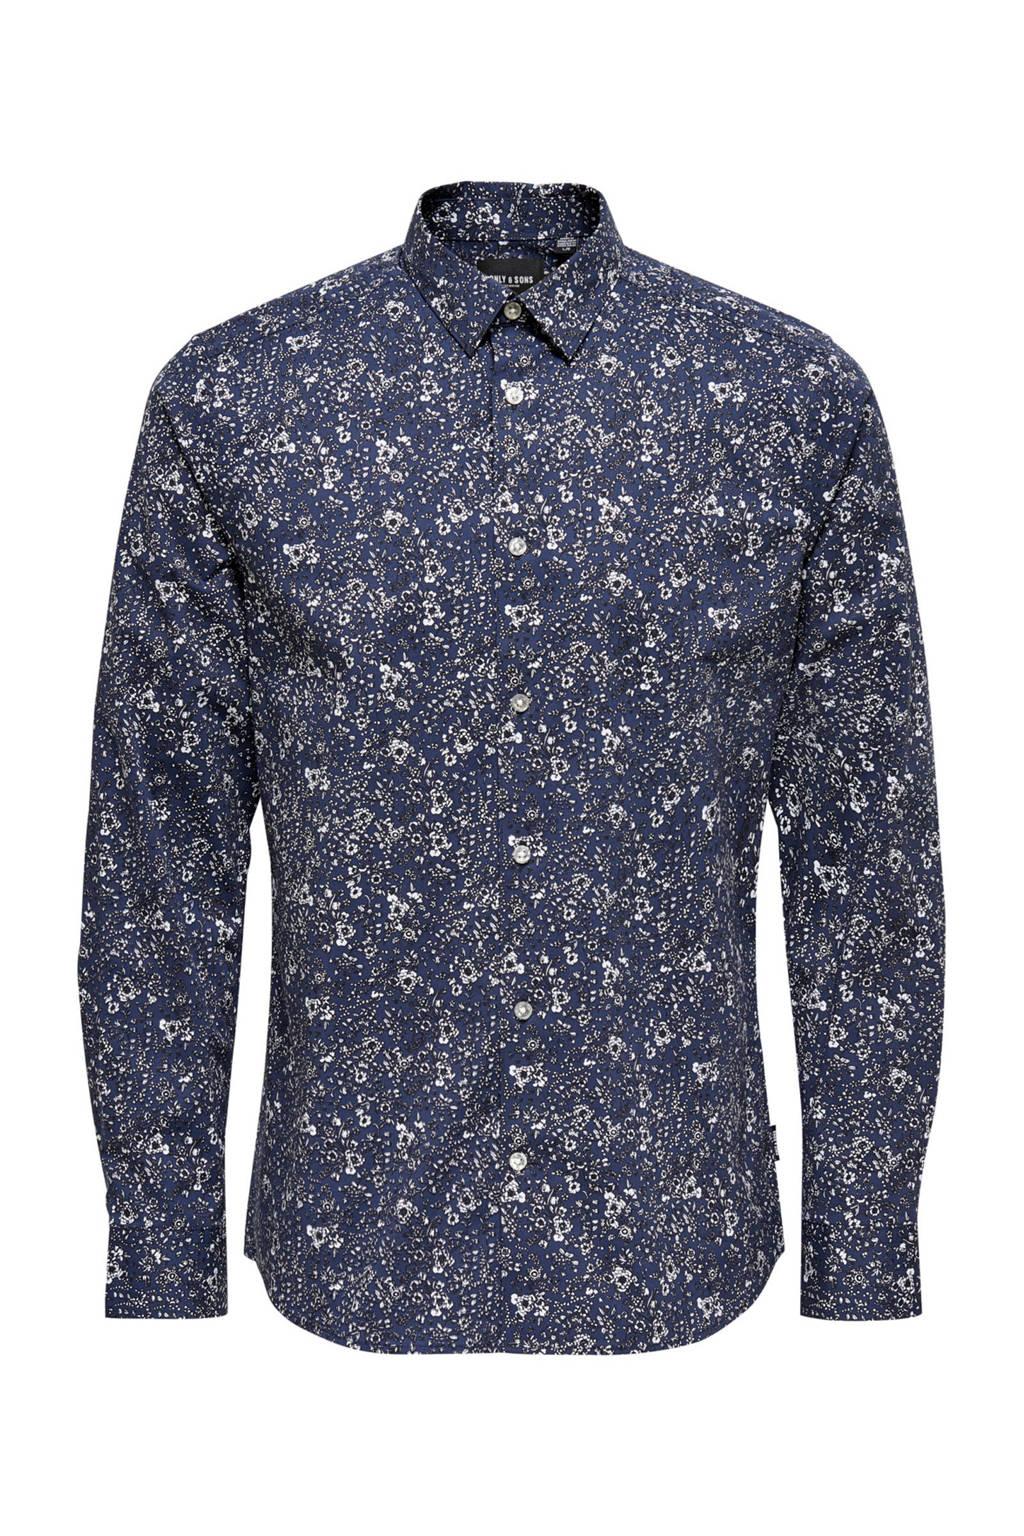 ONLY & SONS gebloemd slim fit overhemd met biologisch katoen donkerblauw, Donkerblauw